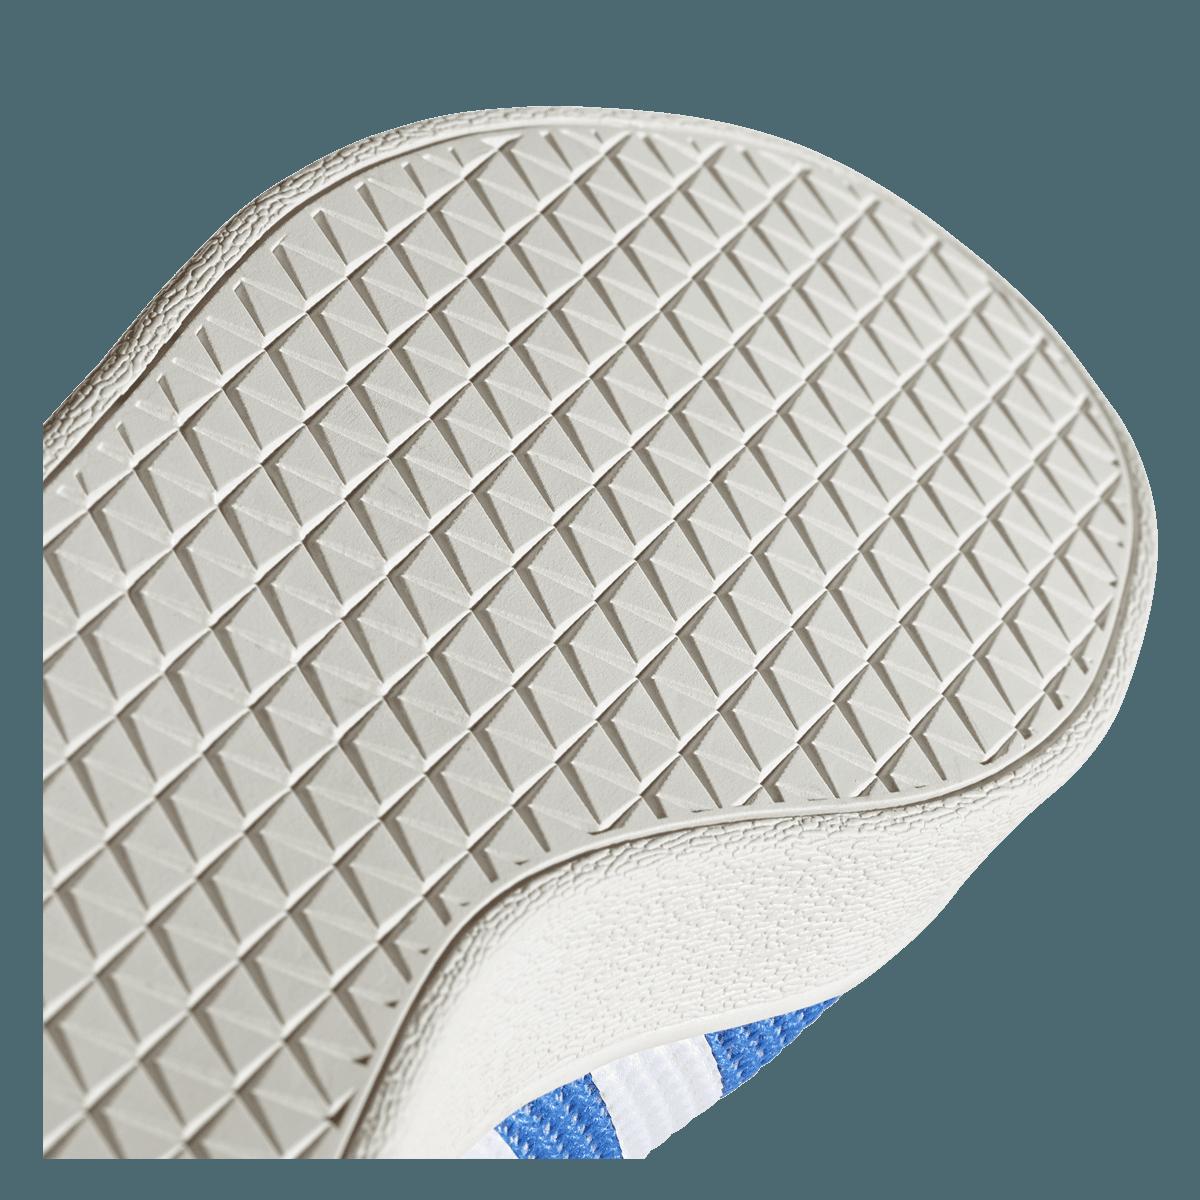 adidas Freizeitschuh VL Court 2.0 blauweiß